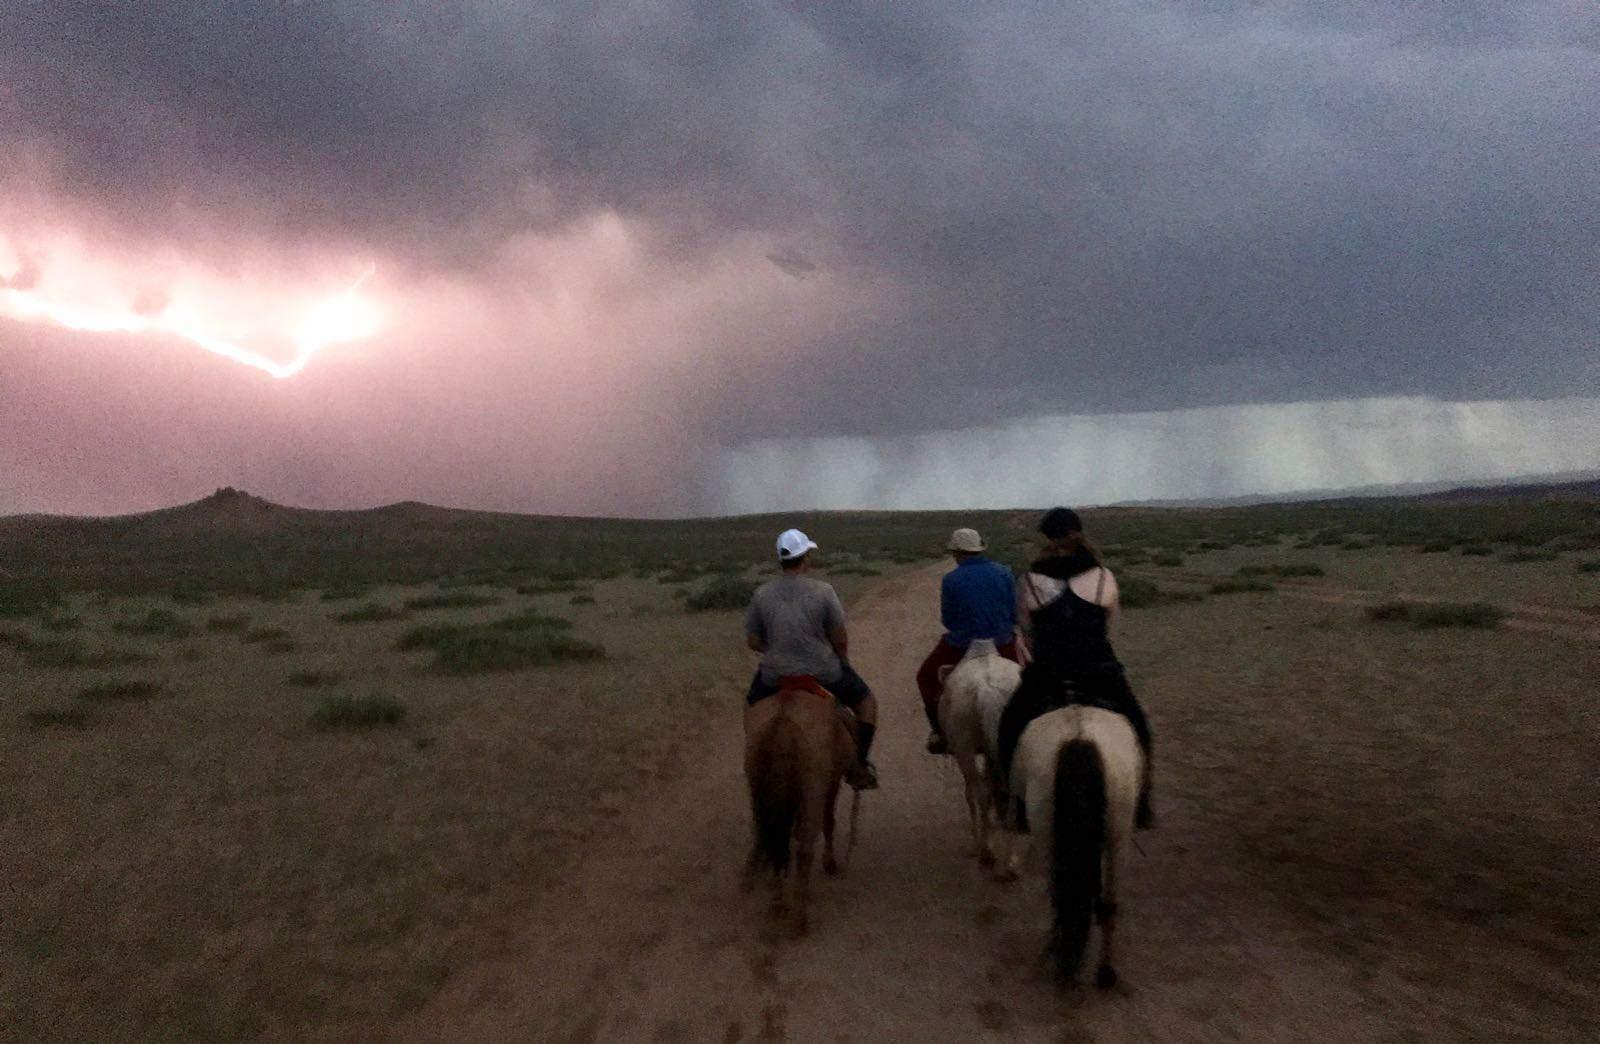 Lightening Mongolia Nomads Hannah betternotstop Horse trek